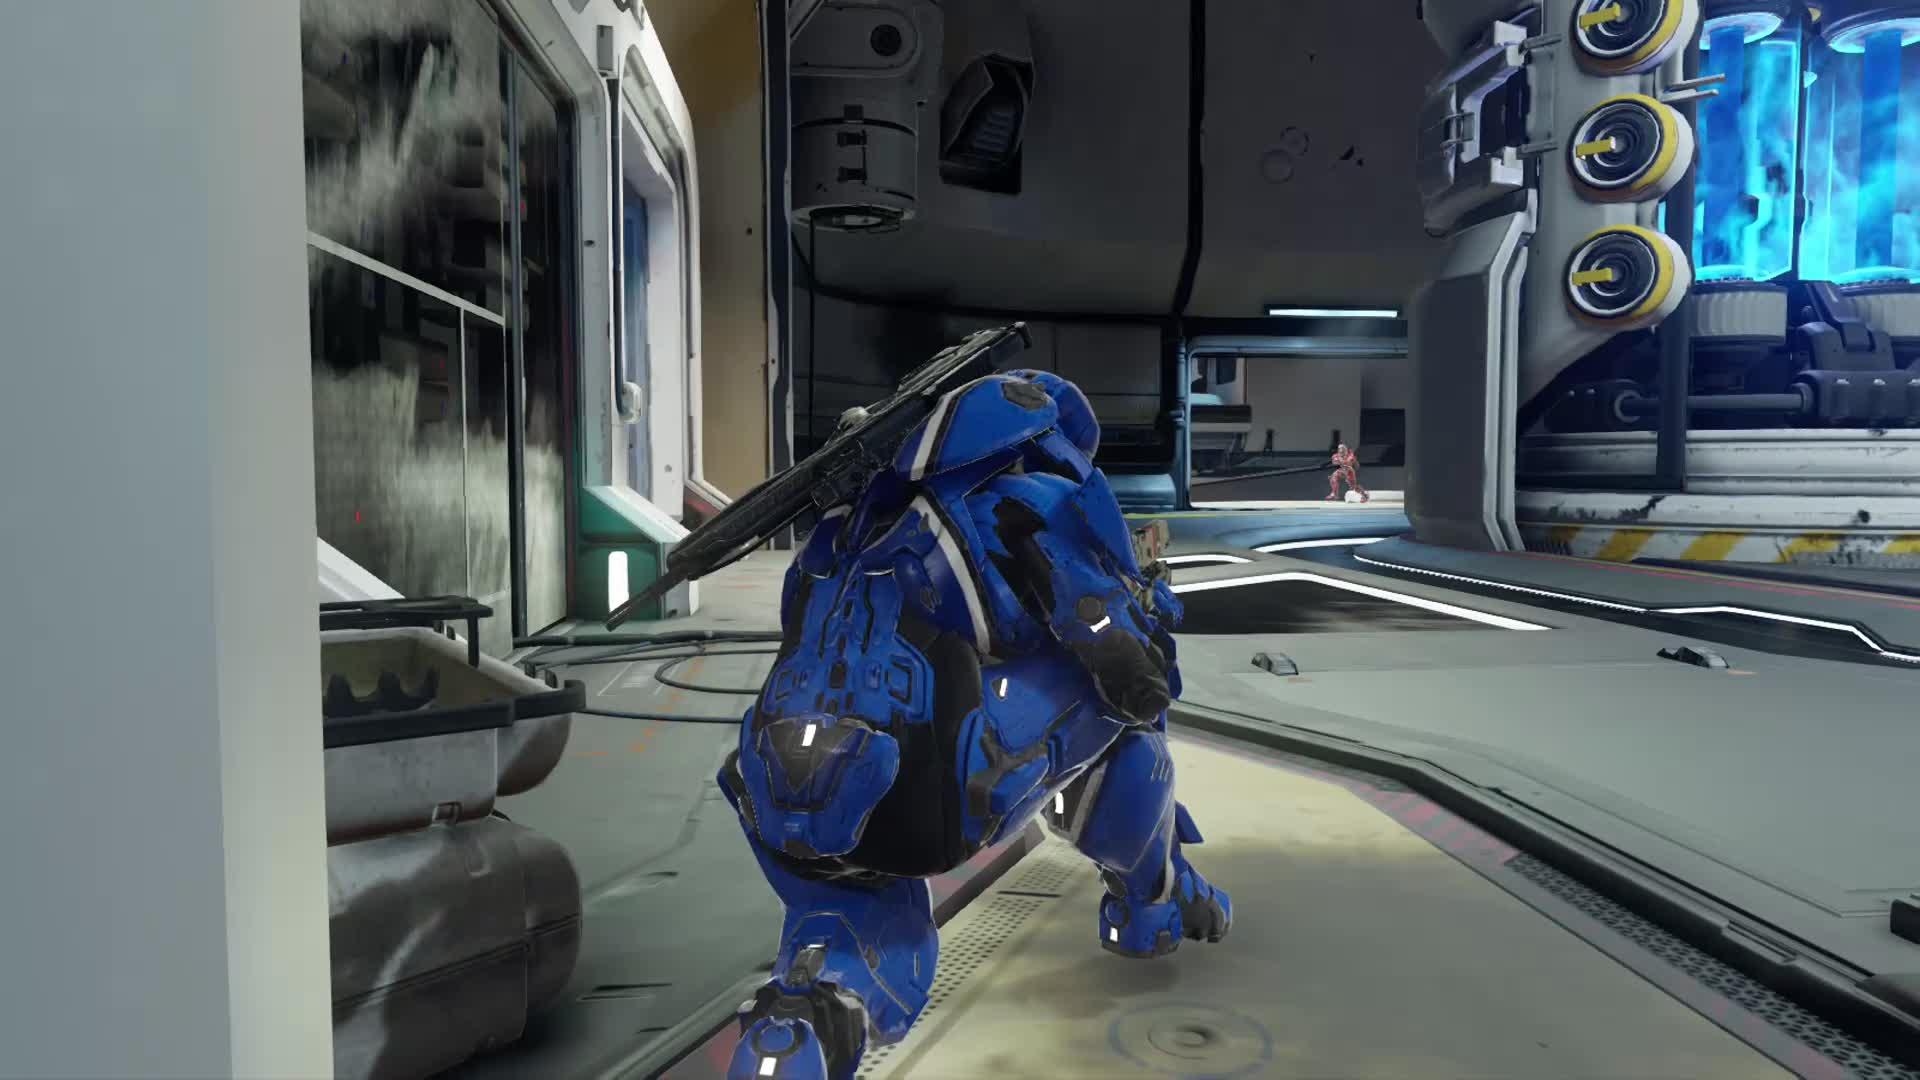 overwatch, teammates GIFs